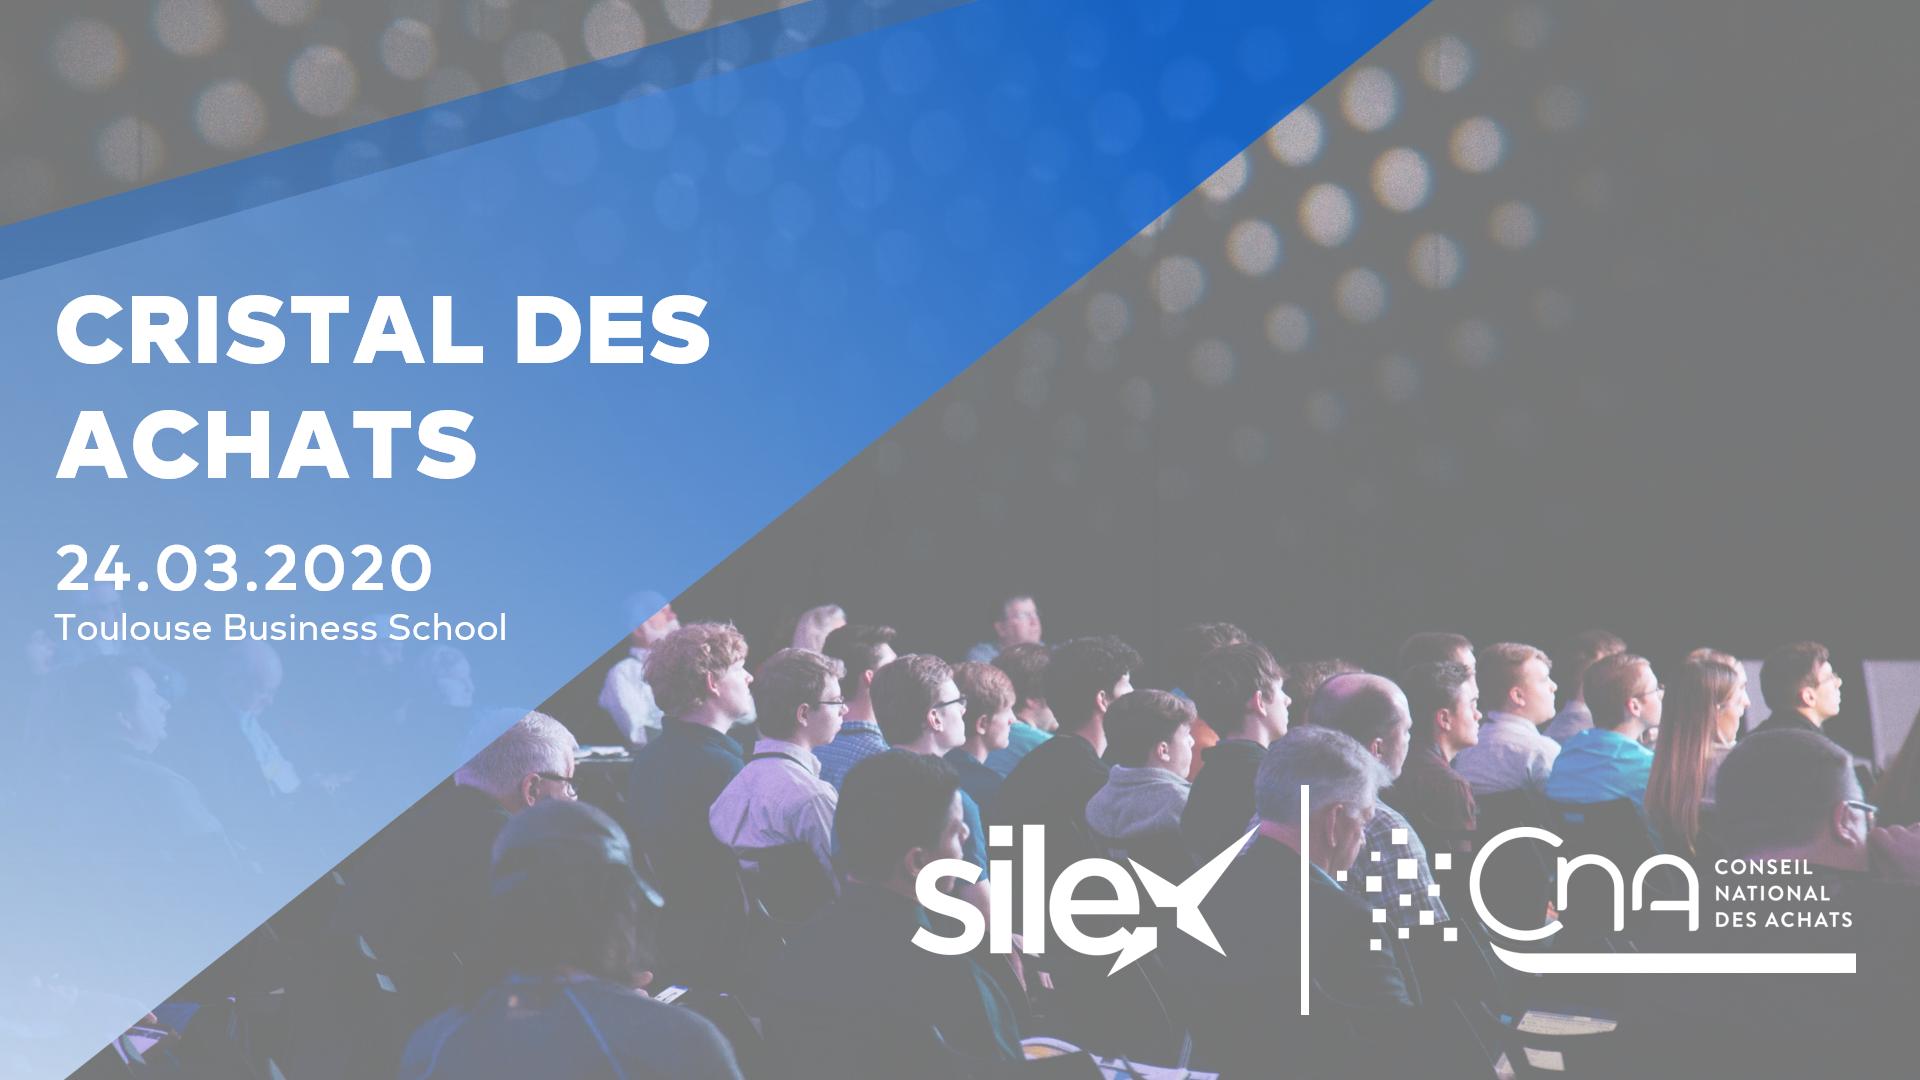 Silex sera présent au Cristal des Achats organisé par le CNA